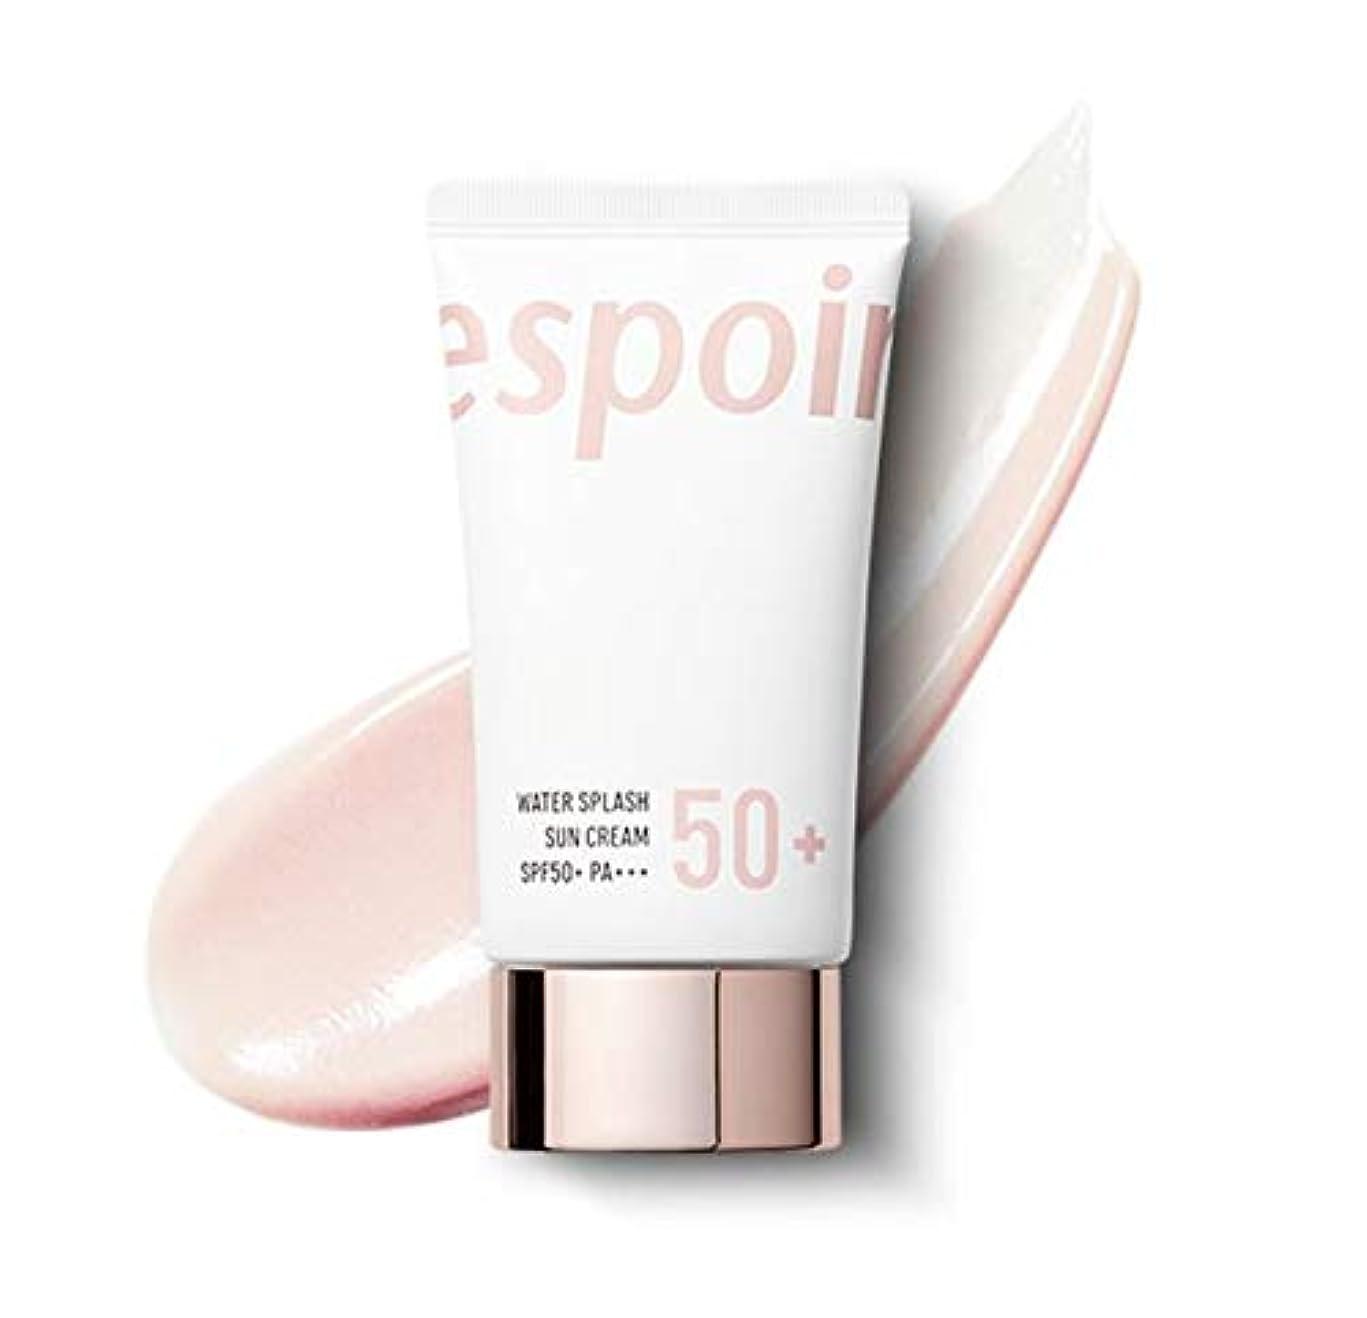 貨物ほかにプランテーションeSpoir Water Splash Sun Cream SPF50+PA+++ (R) / エスポワール ウォータースプラッシュ サンクリーム 60ml [並行輸入品]